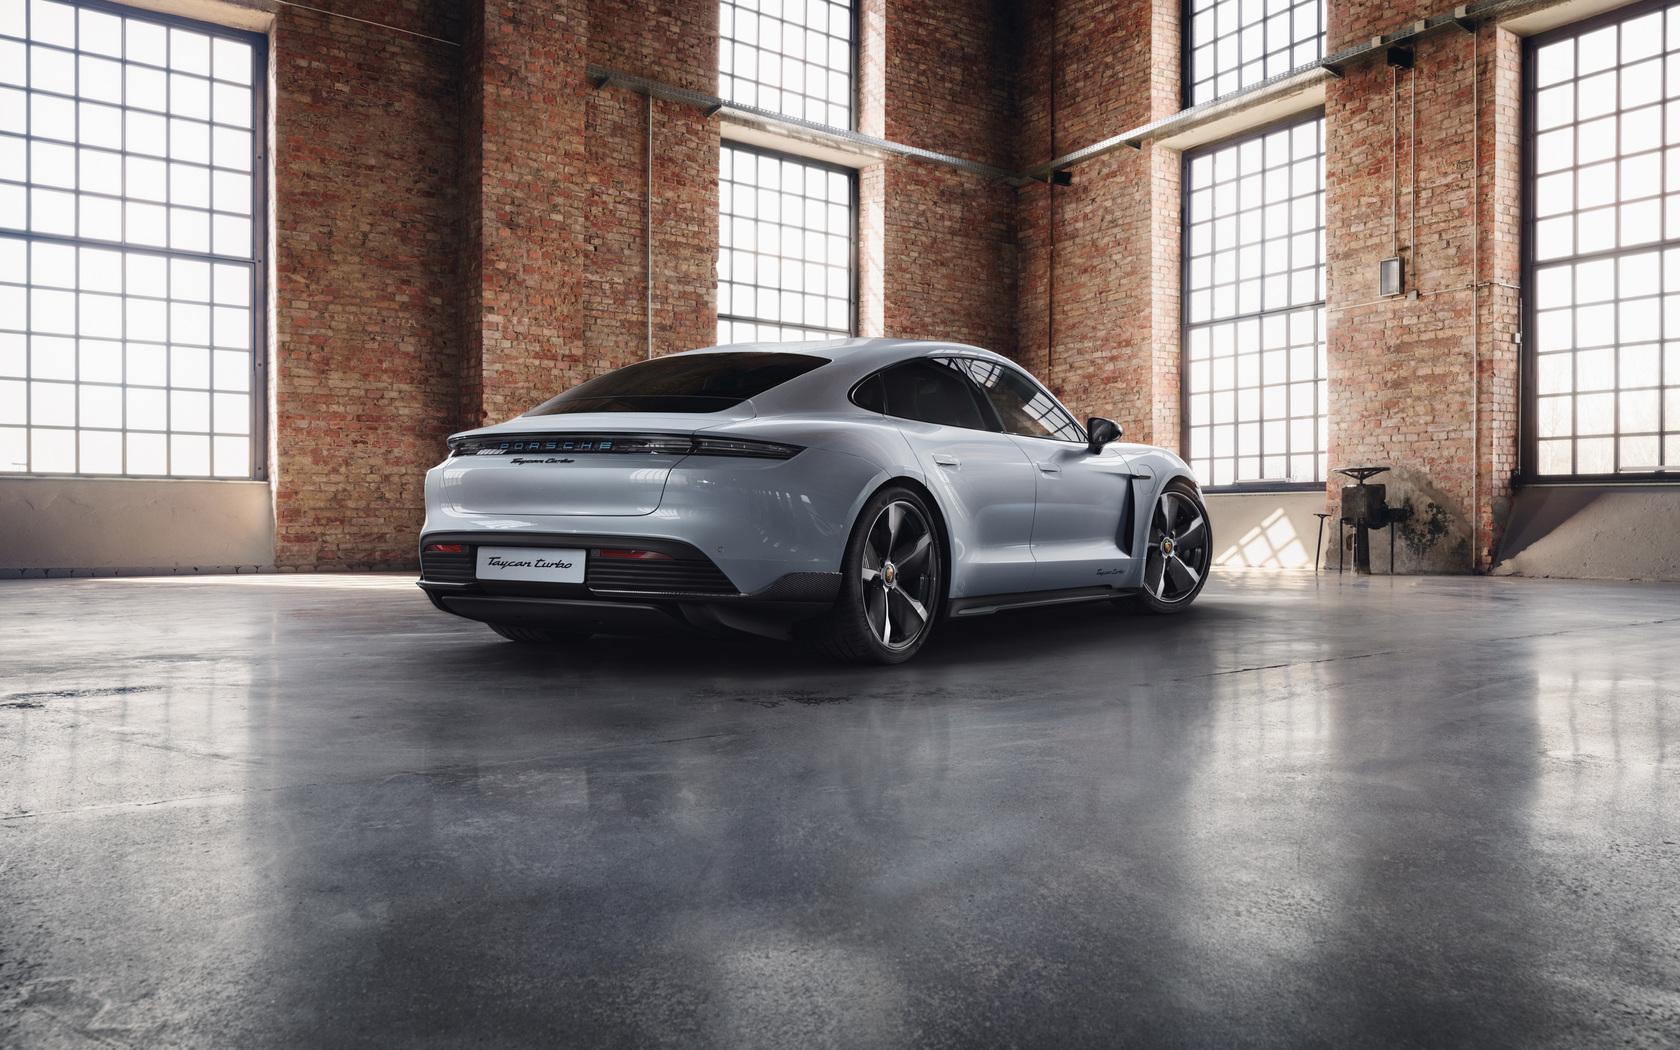 porsche-taycan-turbo-sportdesign-8k-mu.jpg